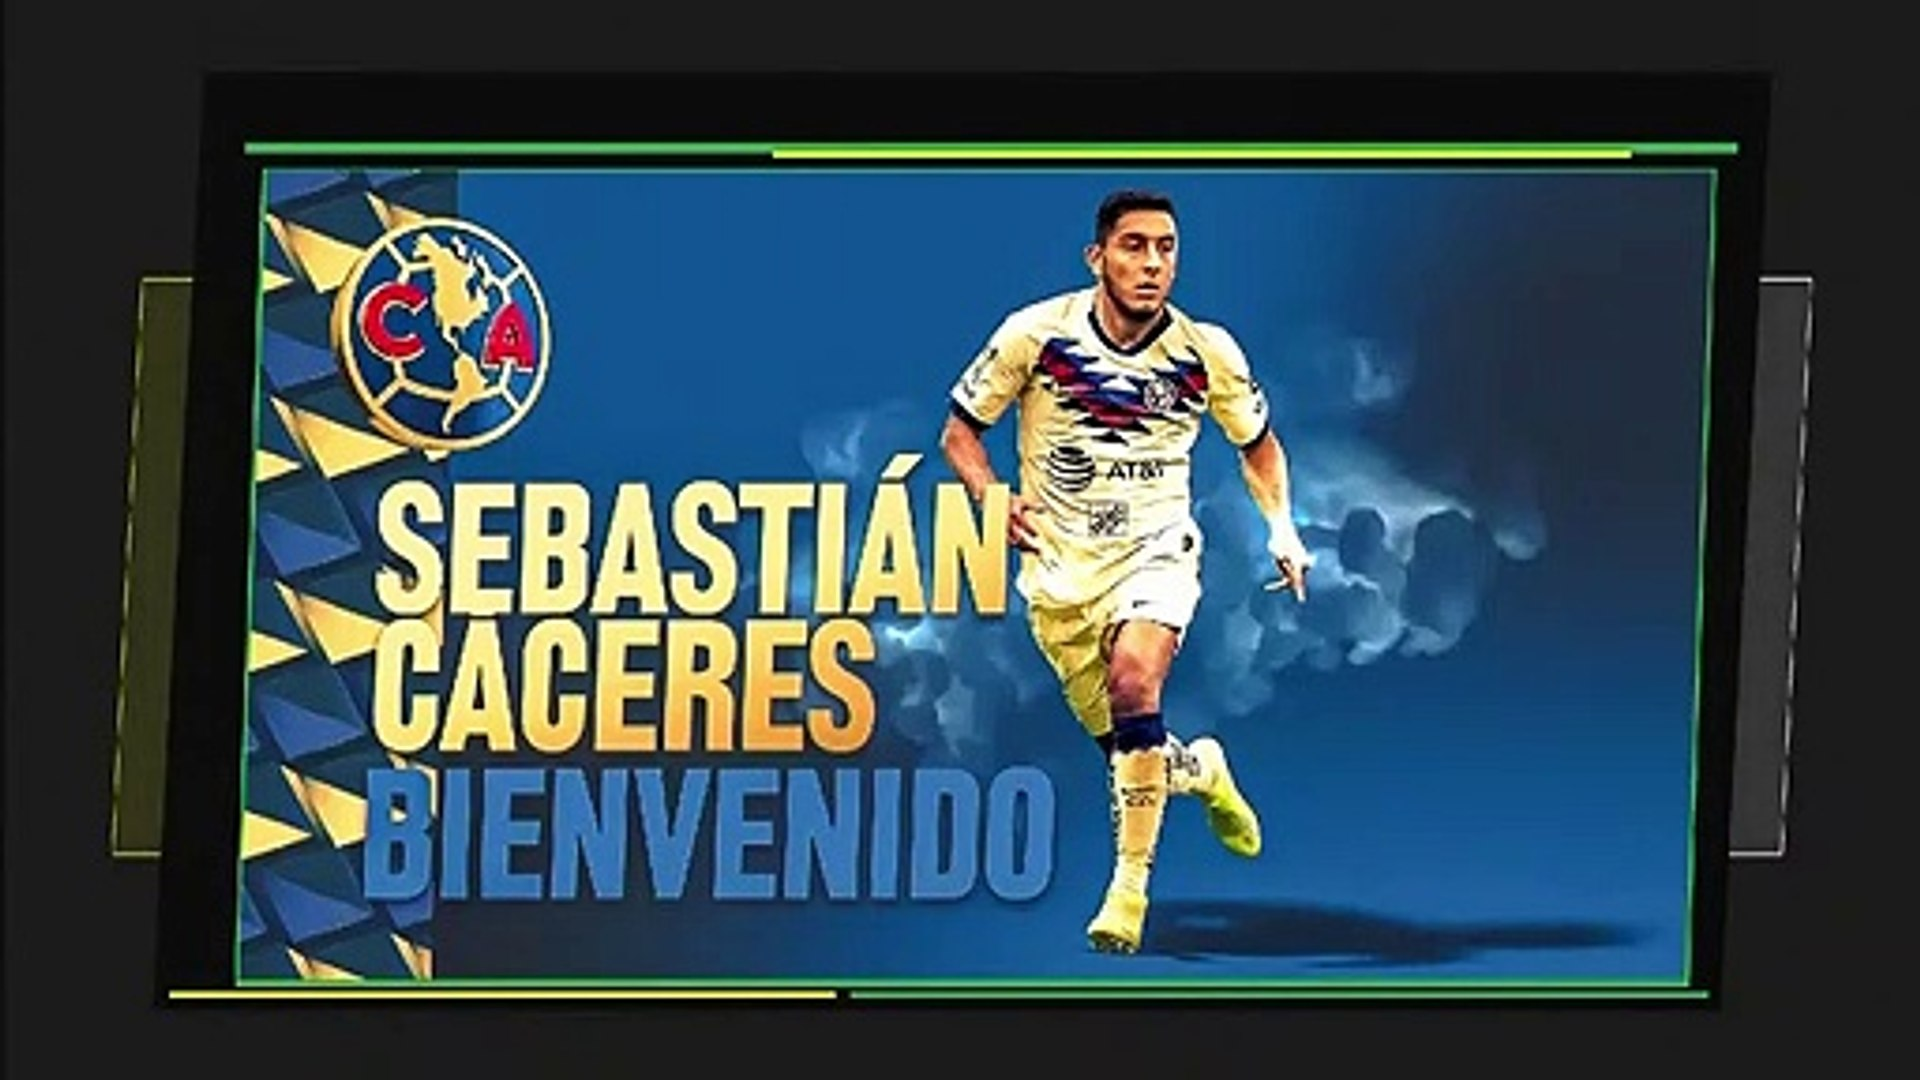 Sebastián Cáceres es nuevo jugador del América